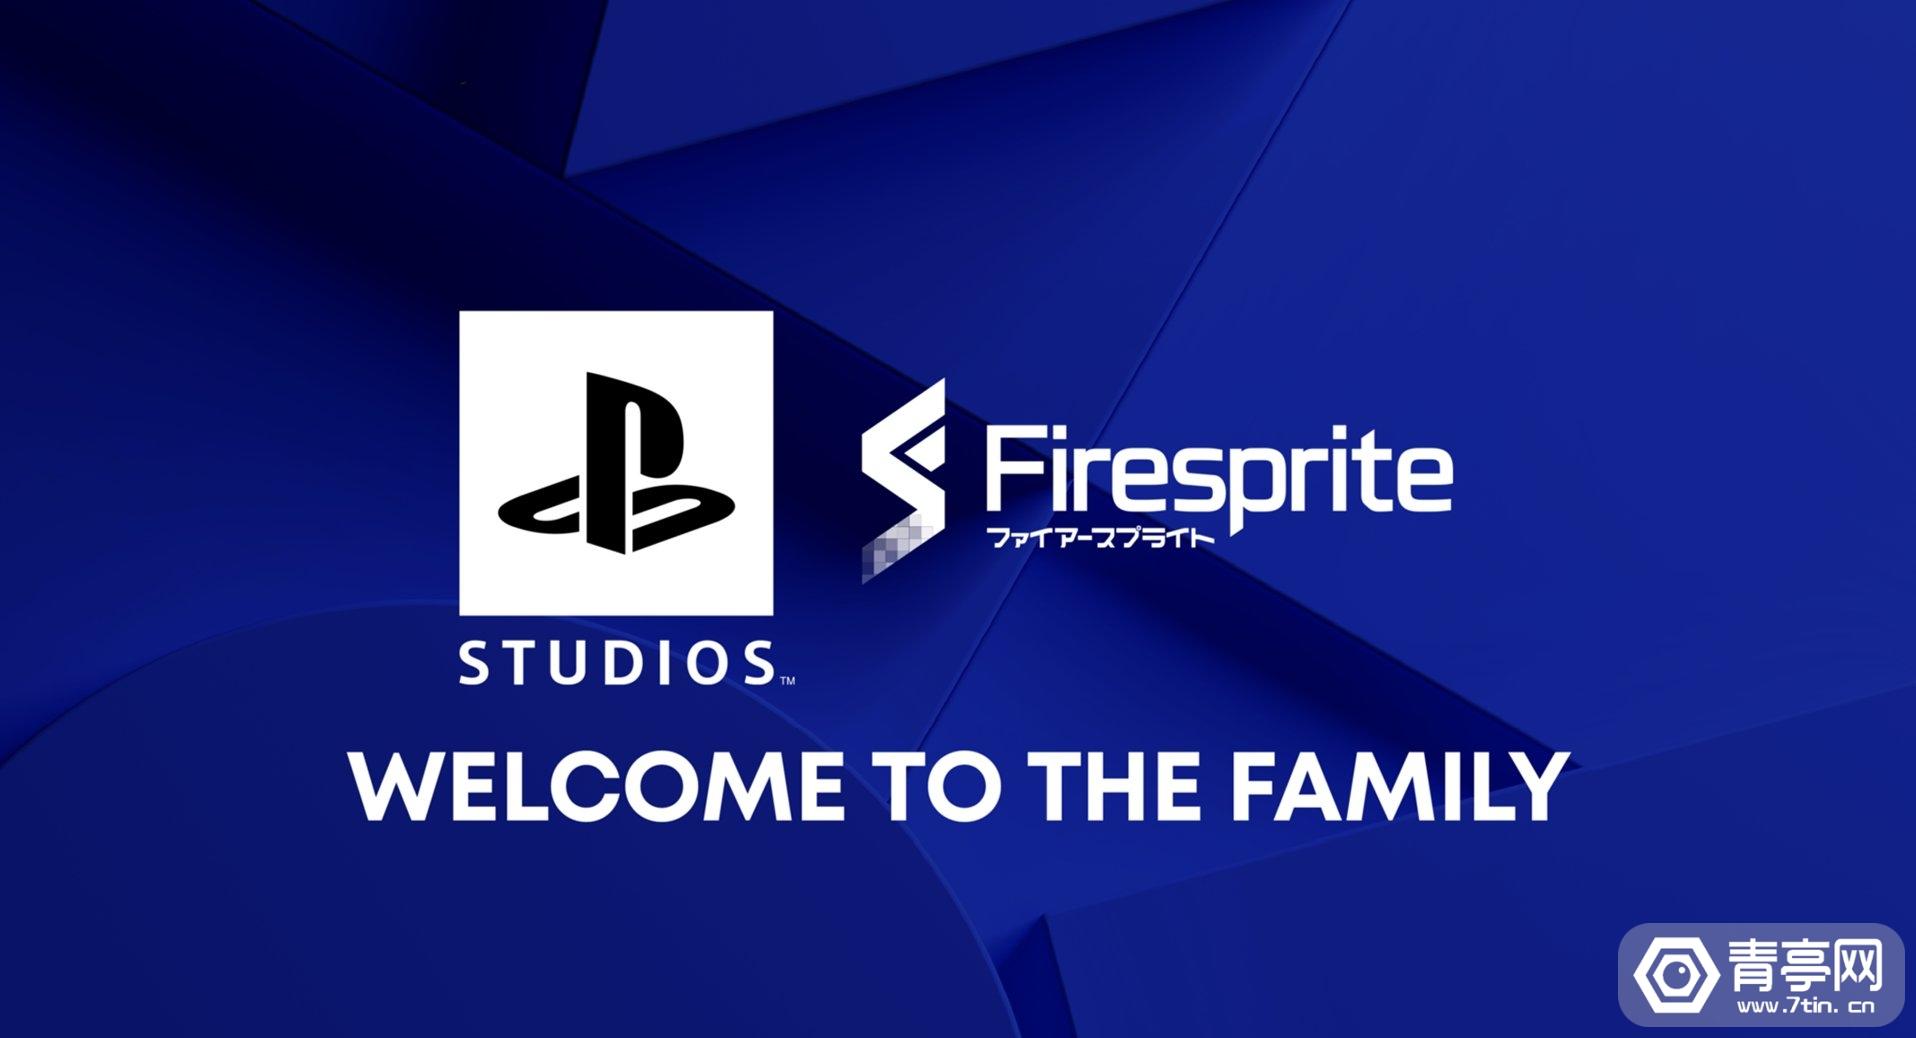 索尼收购开发商Firesprite,成旗下第14家工作室